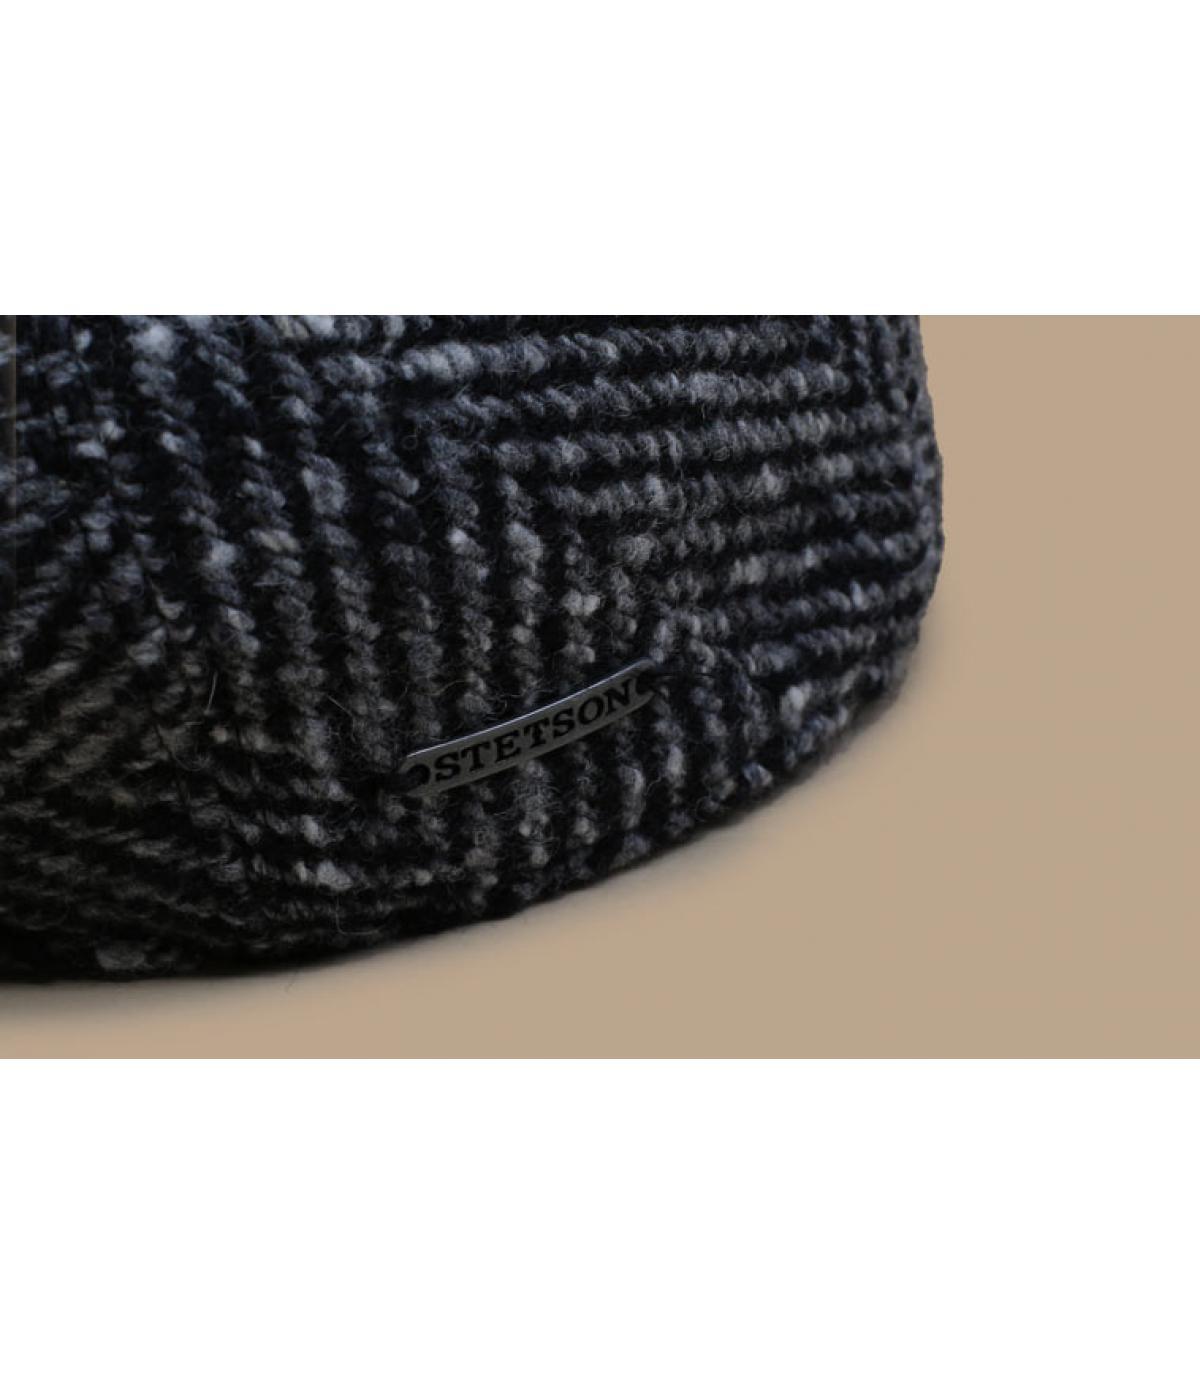 Details Ivy Cap Herringbone black white - afbeeling 3